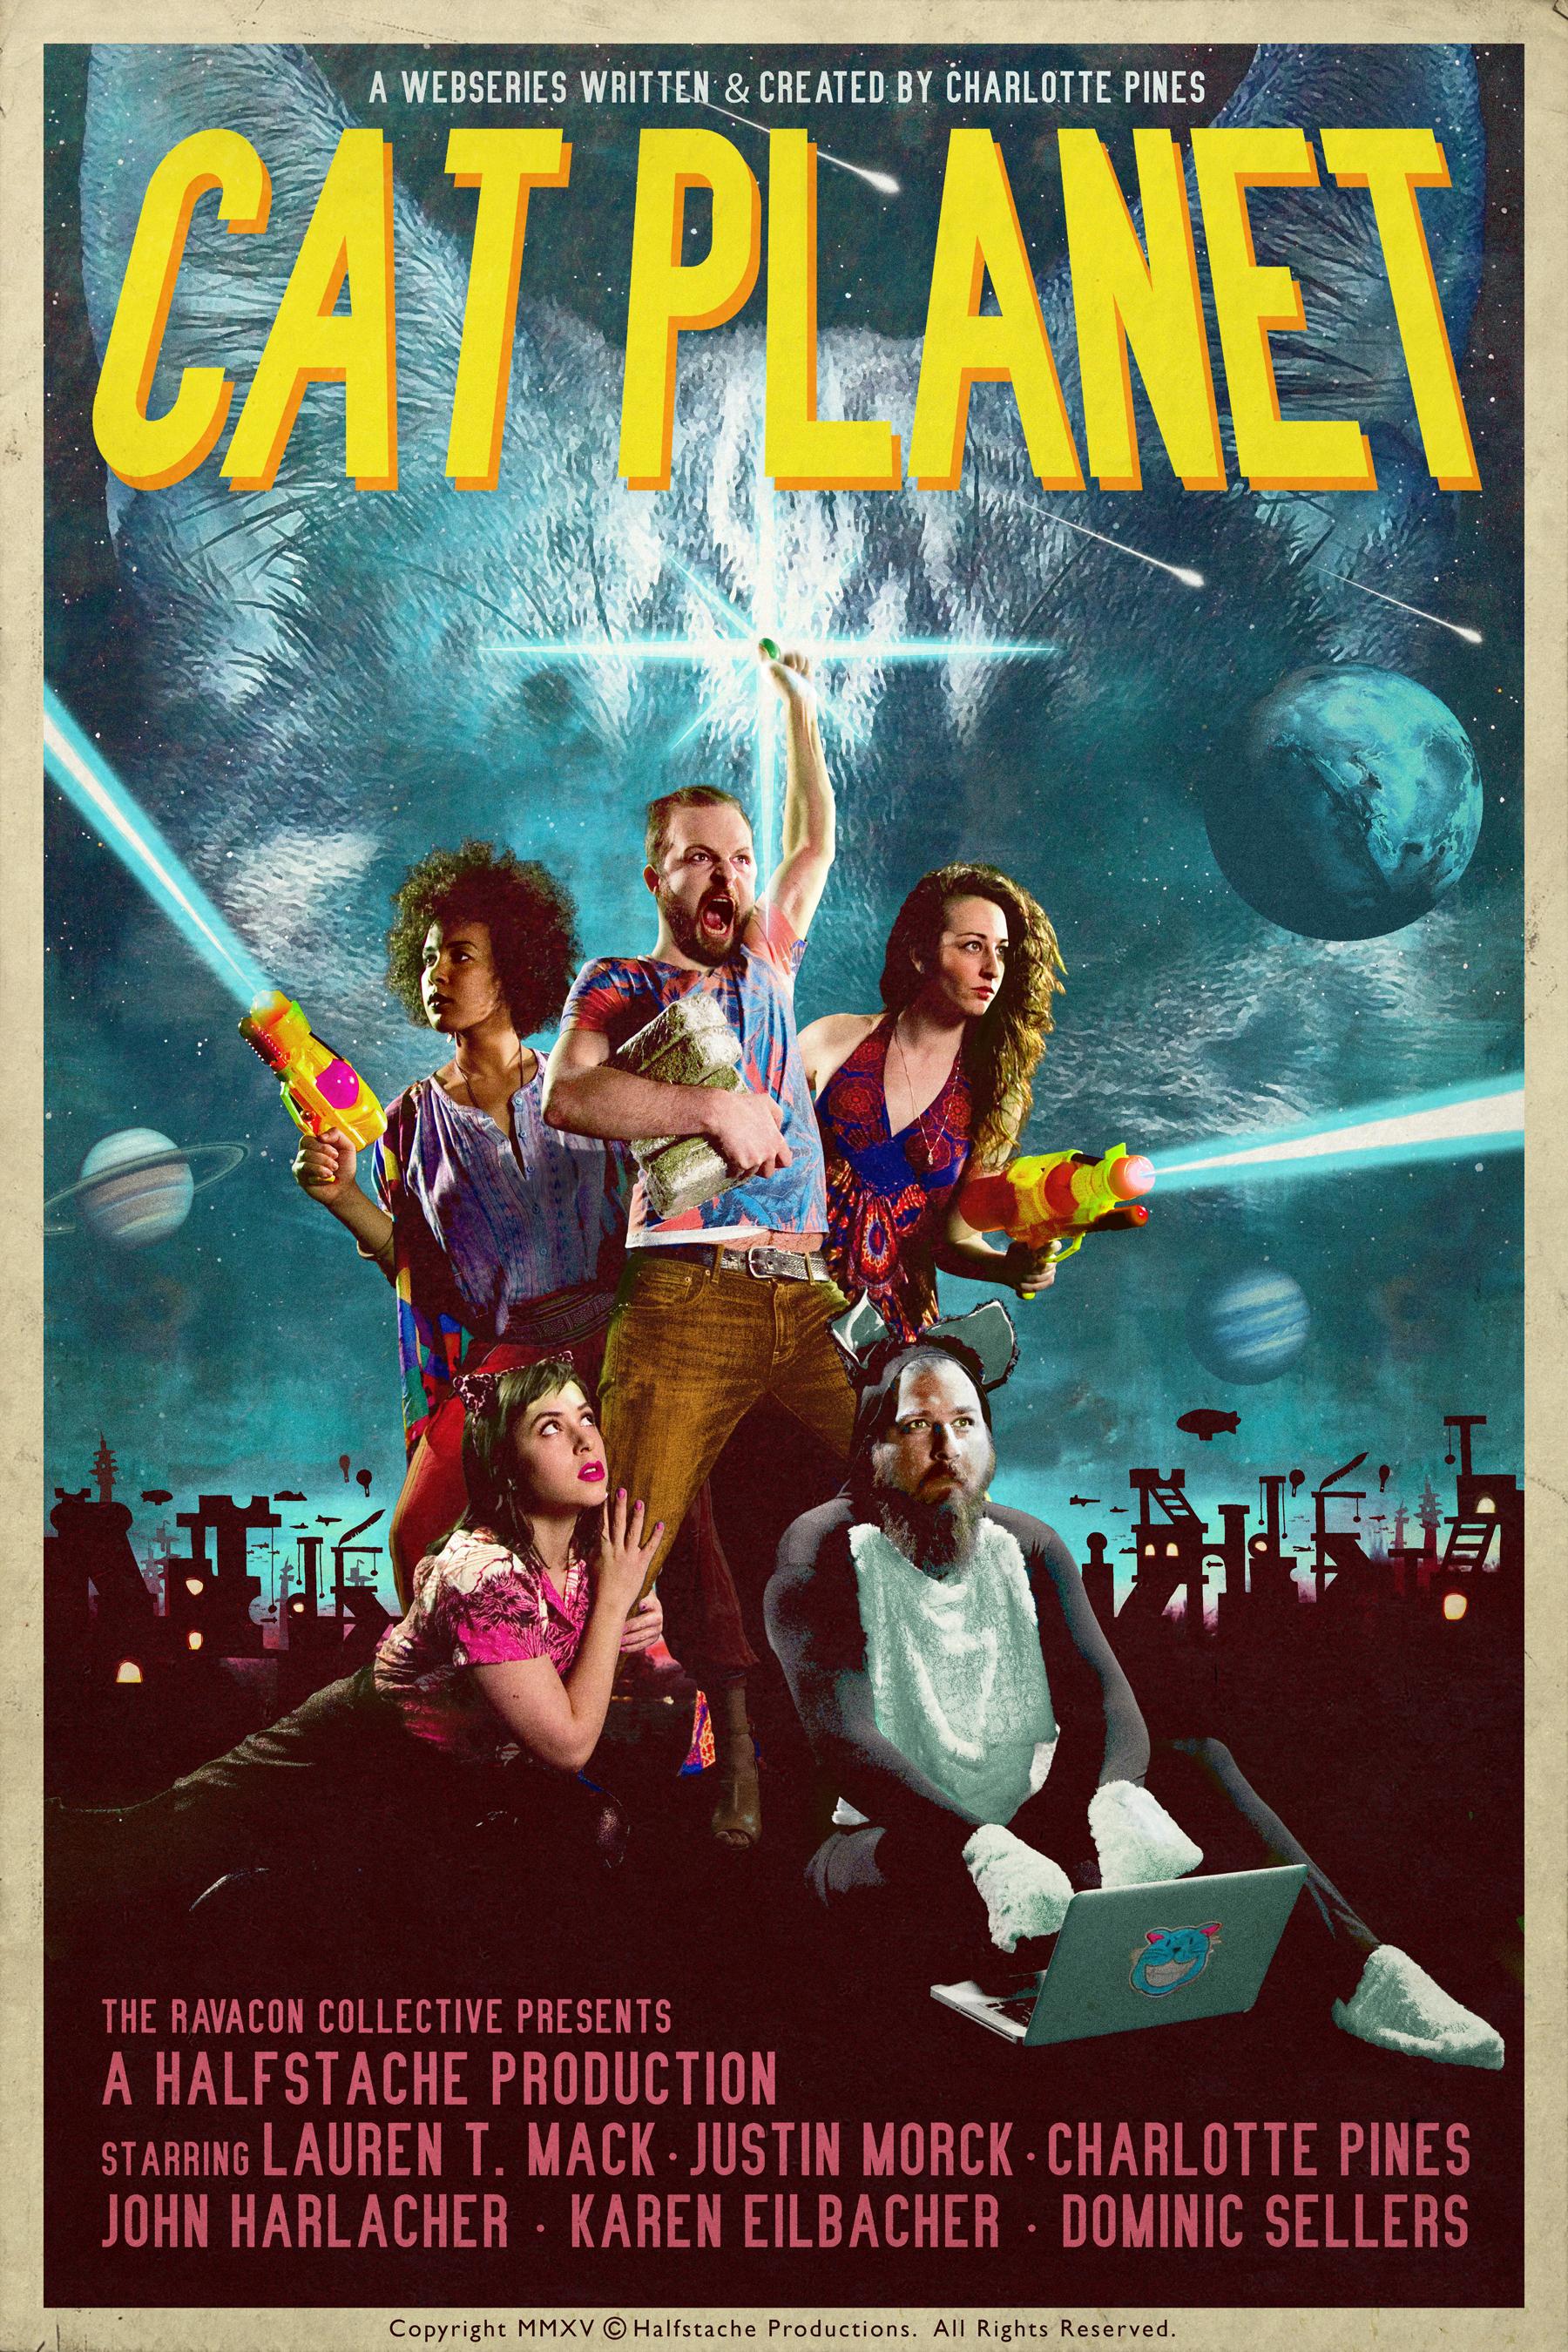 Left to Right: Karen Eilbacher, Charlotte Pines, Justin Morck, Lauren T. Mack, and John Harlacher. Poster design by Christopher Phelps.